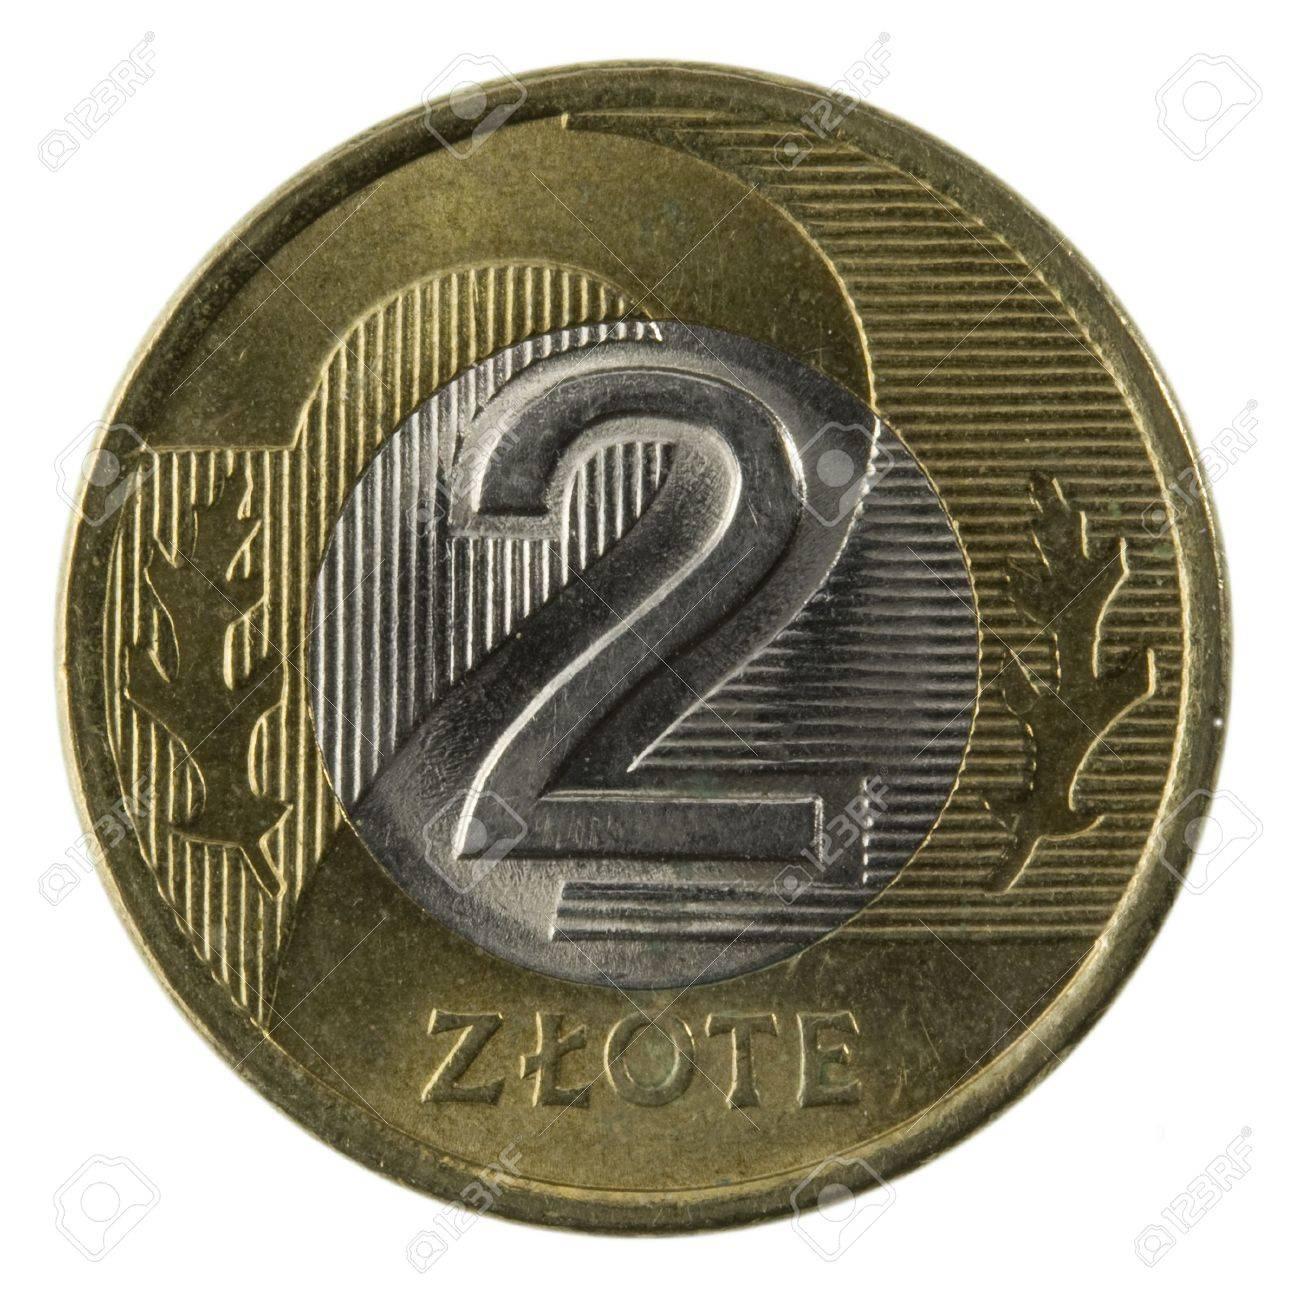 Makro 2 Des Polnischen Zloty Münze Isoliert Auf Weißem Lizenzfreie